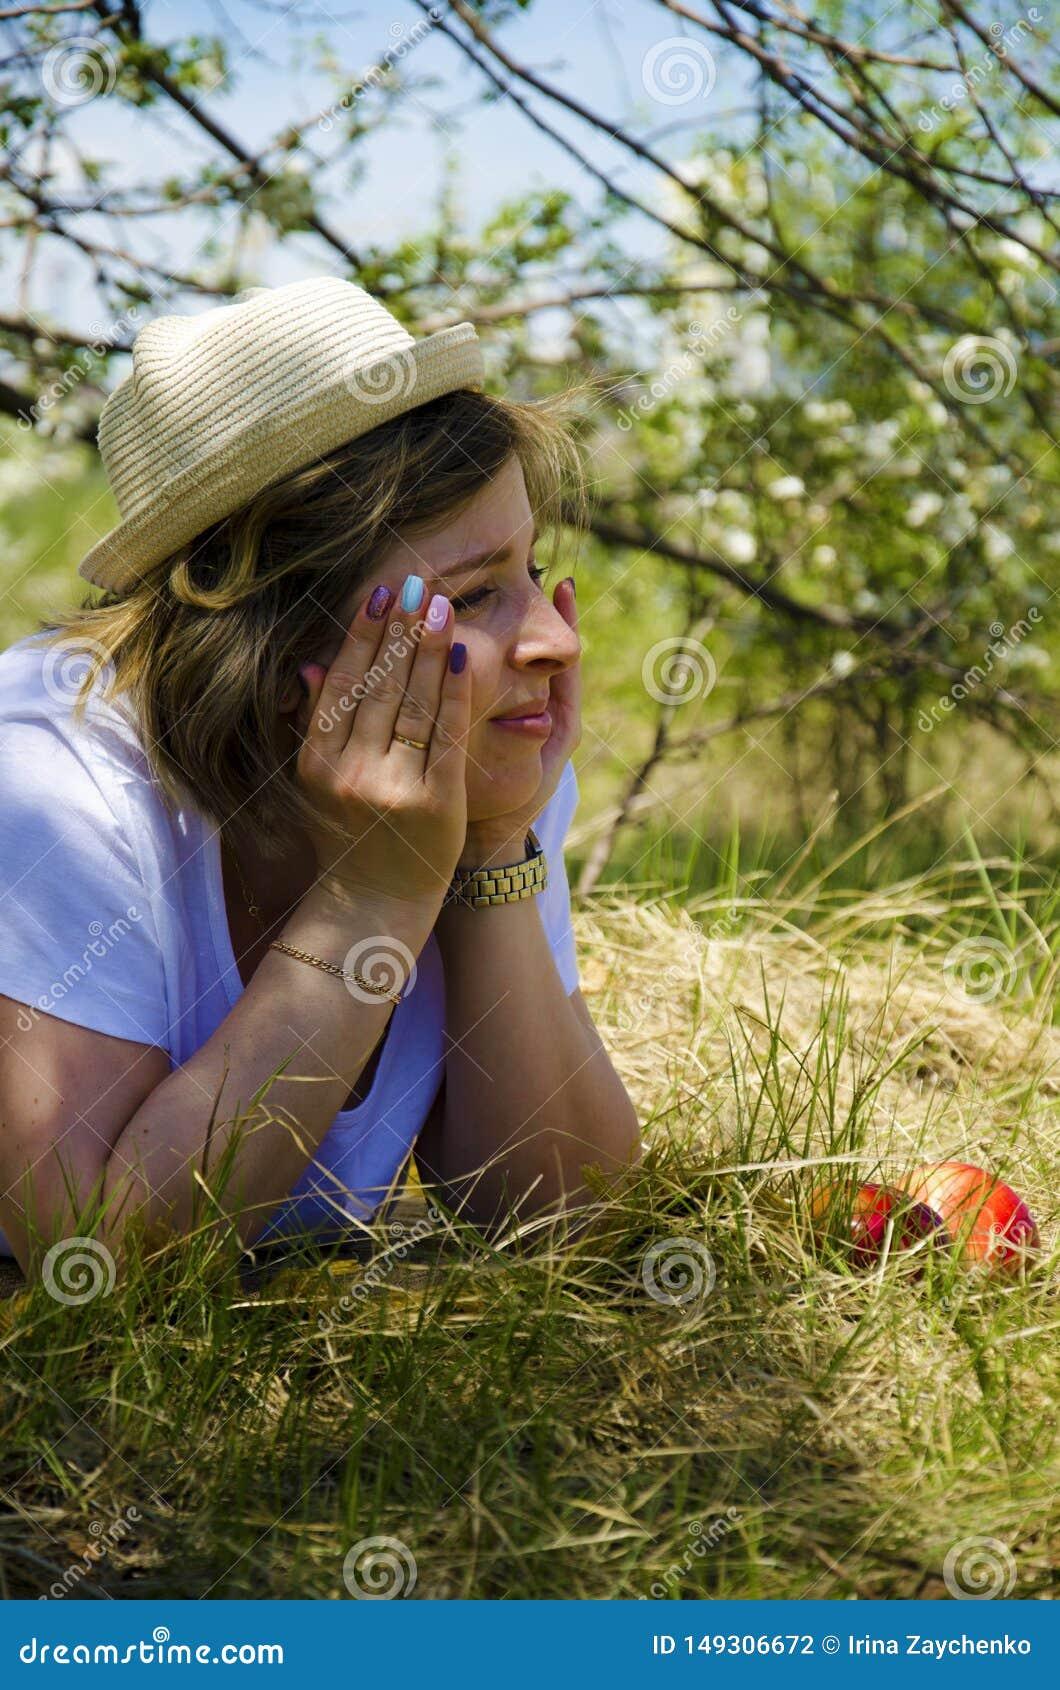 Pi?kna m?oda kobieta w kud?y, k?ama na polu, zielonej trawie, jab?kach i kwiatach, Outdoors Cieszy si? natur? Zdrowa U?miechni?ta